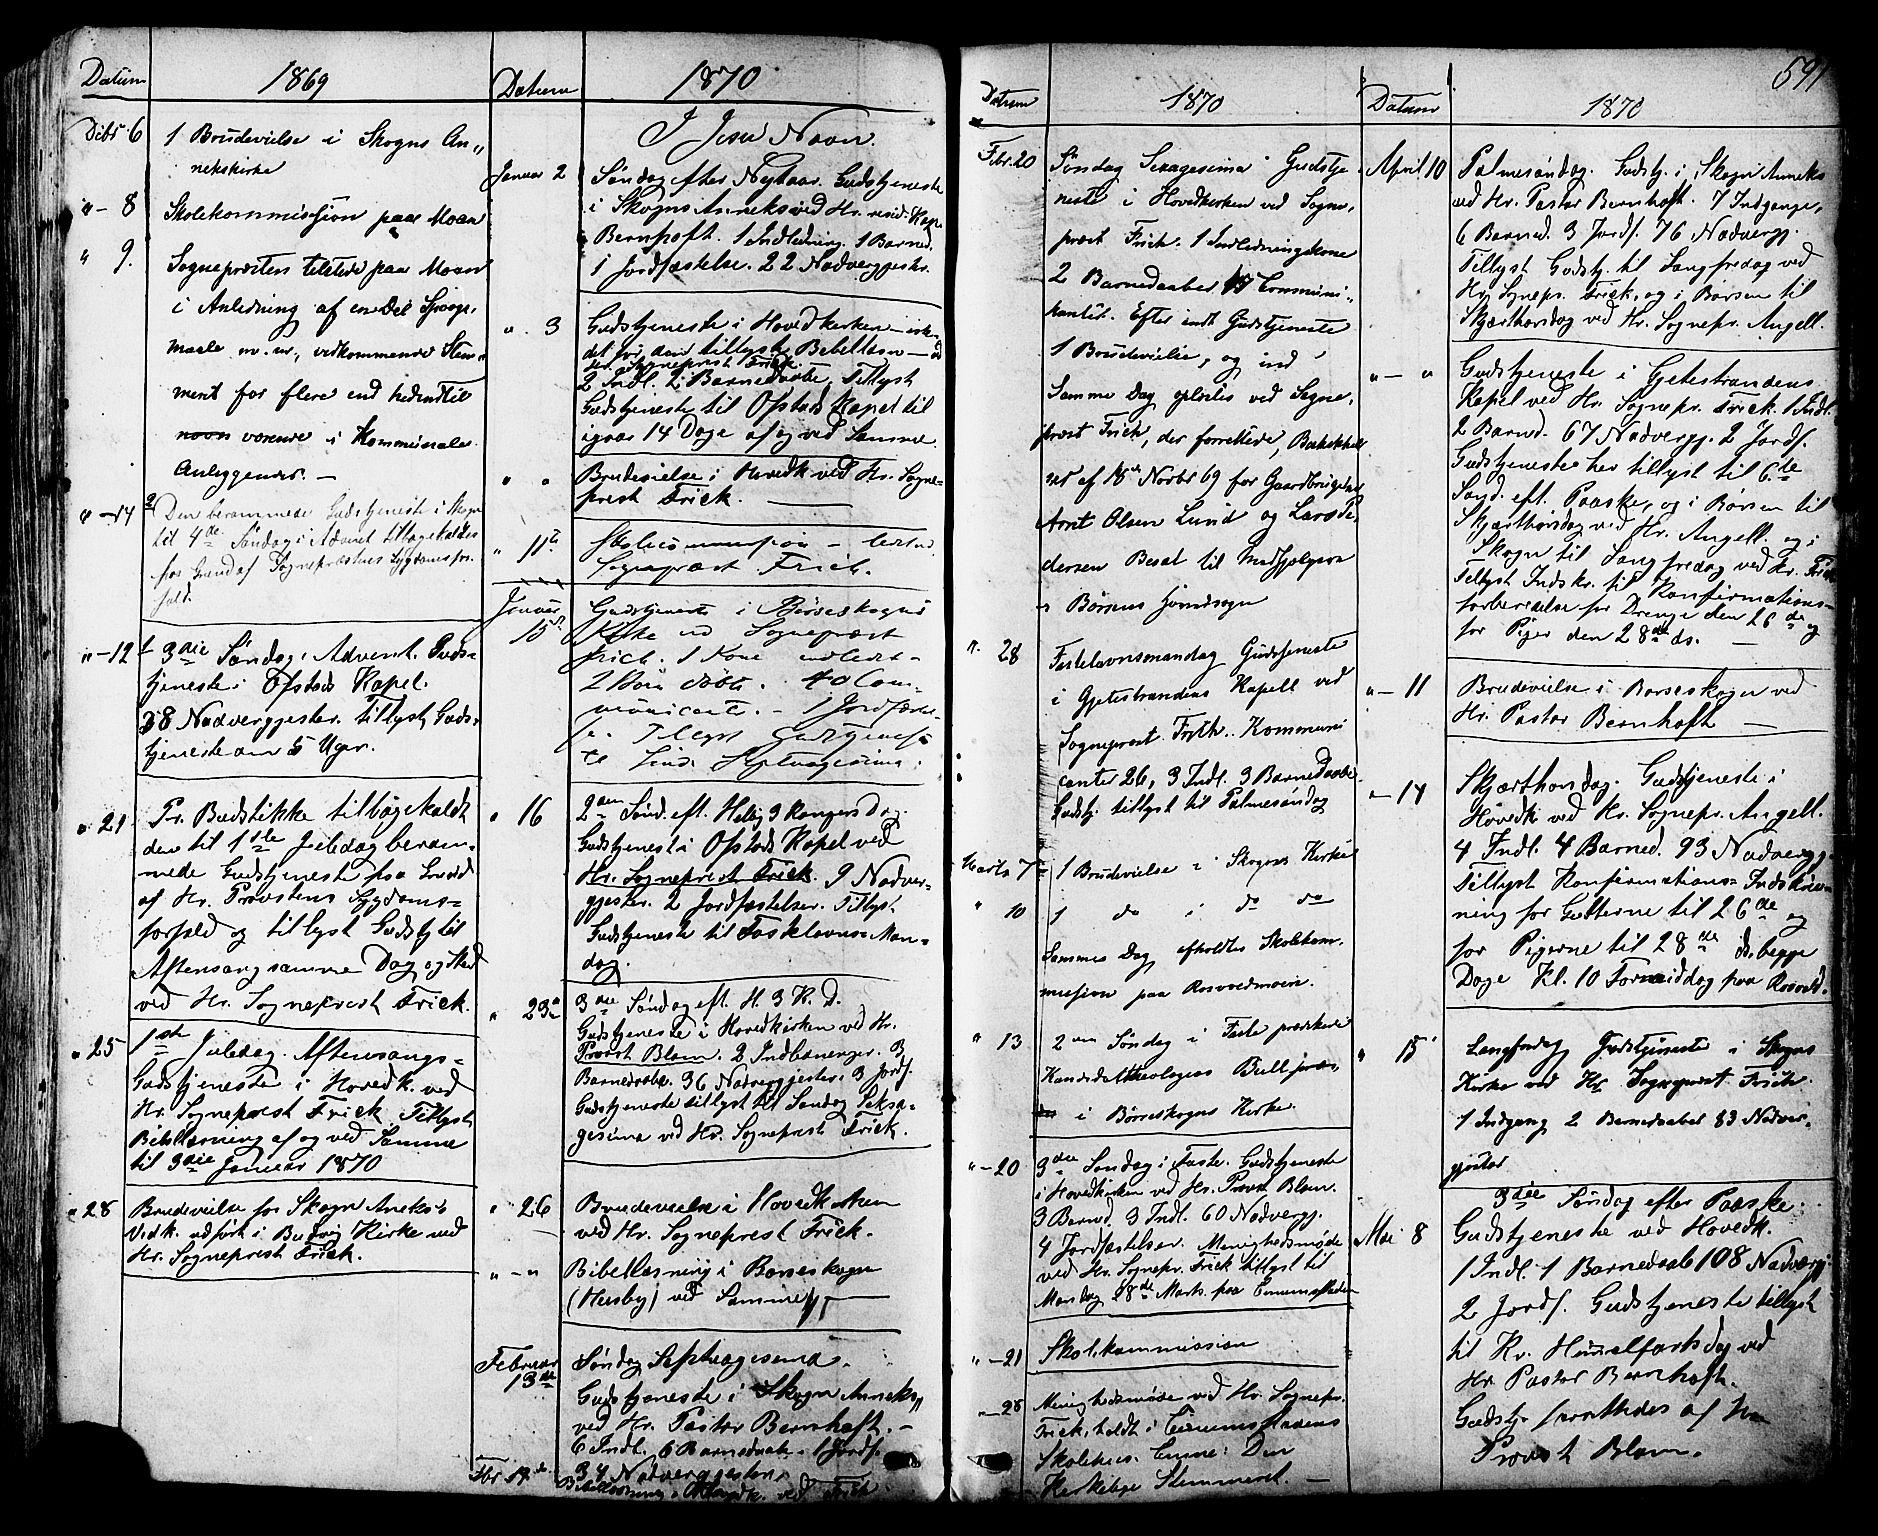 SAT, Ministerialprotokoller, klokkerbøker og fødselsregistre - Sør-Trøndelag, 665/L0772: Ministerialbok nr. 665A07, 1856-1878, s. 591